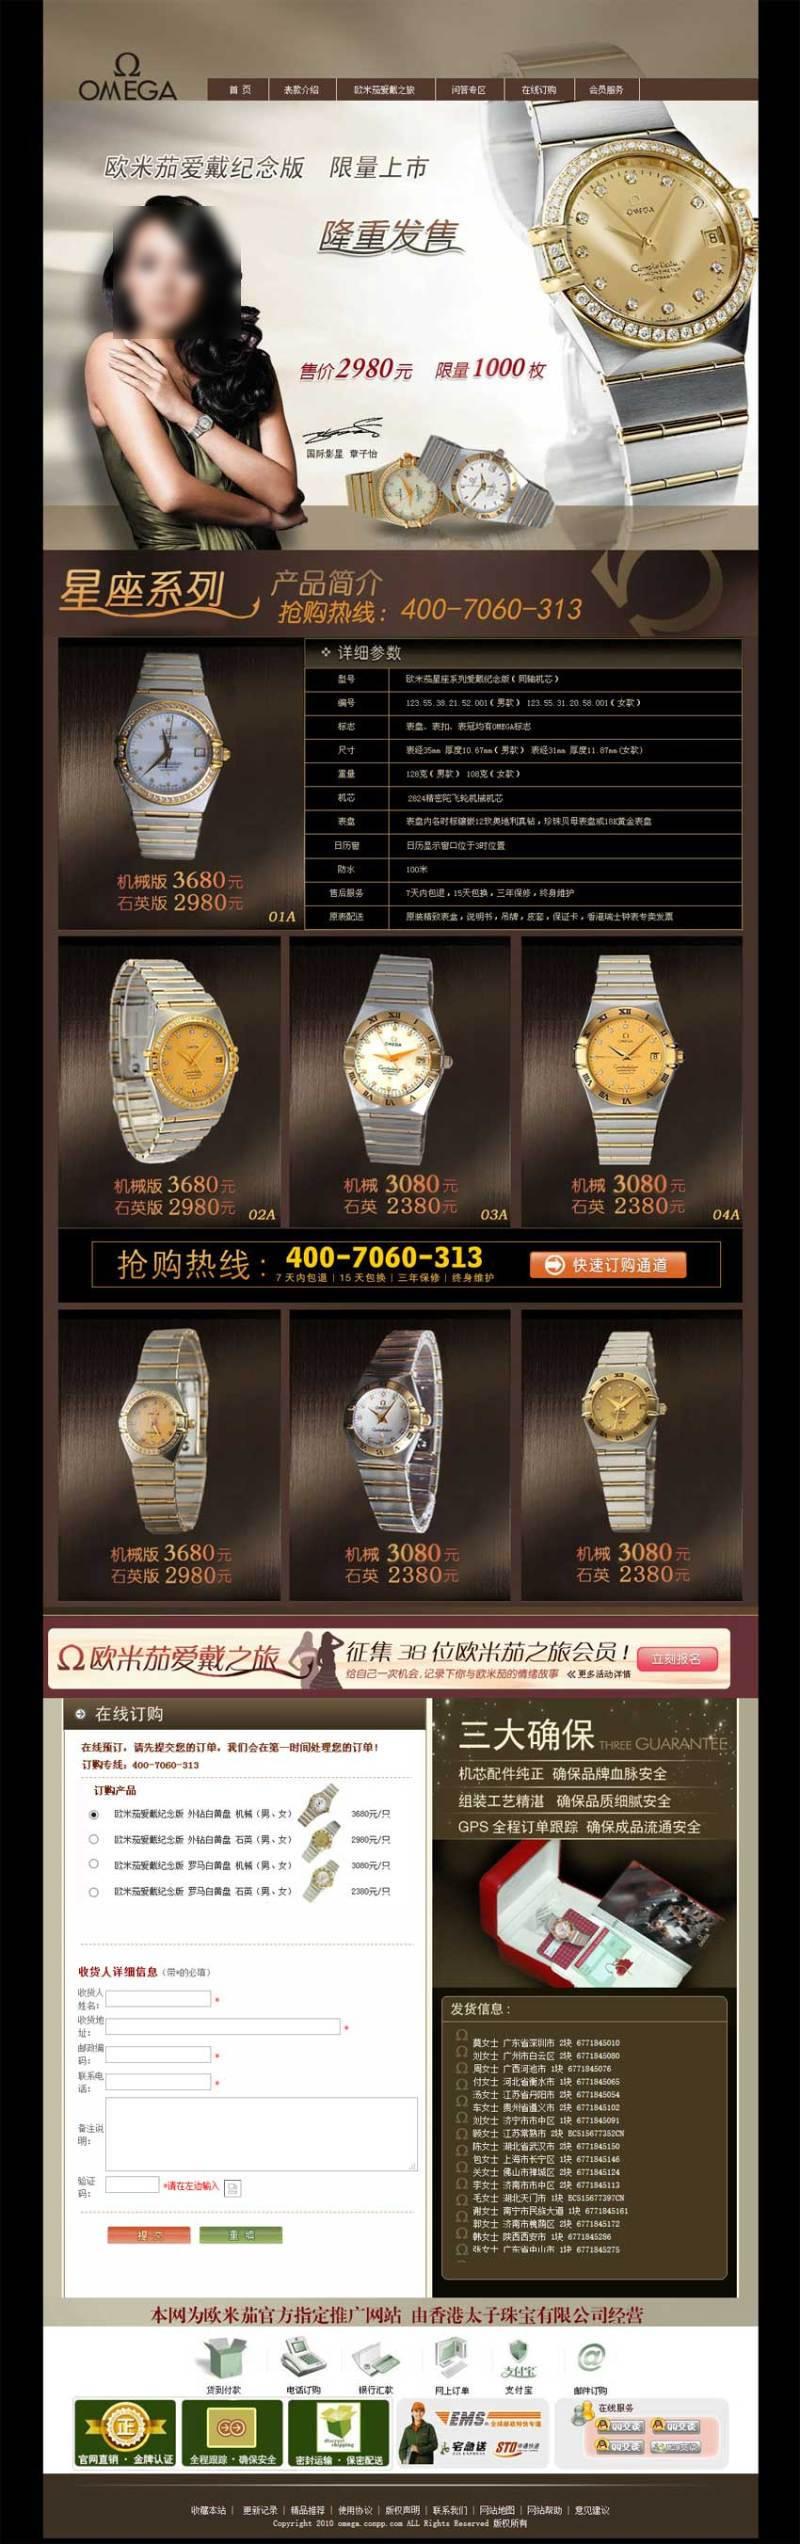 手表专卖店网站静态模板下载